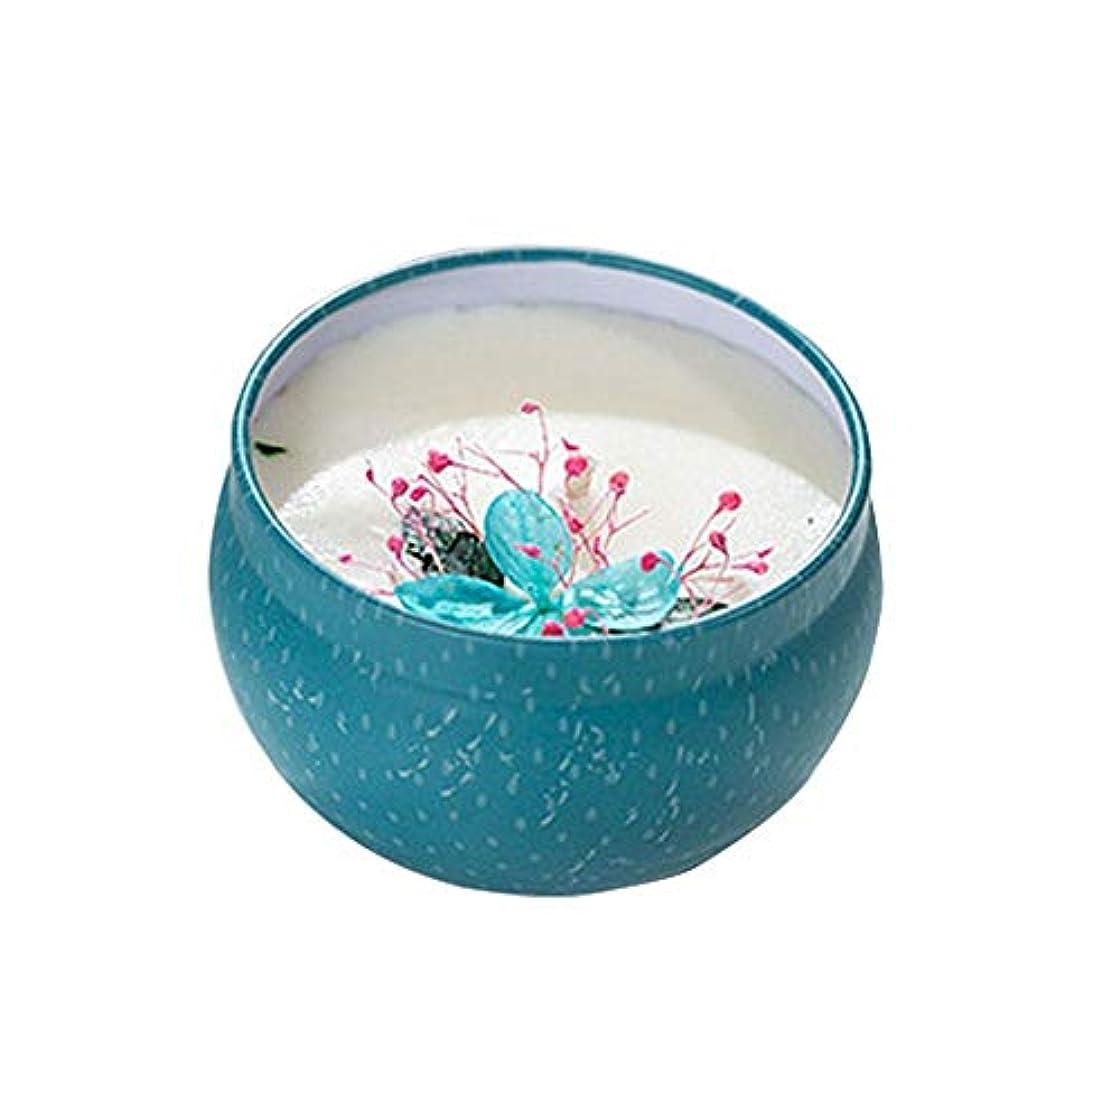 賢明なはがきモンゴメリー燃えるアロマ ソイキャンドル アロマ アロマキャンドル 花香り プレゼント ろうそく 100% 大豆ワックス 部屋飾り